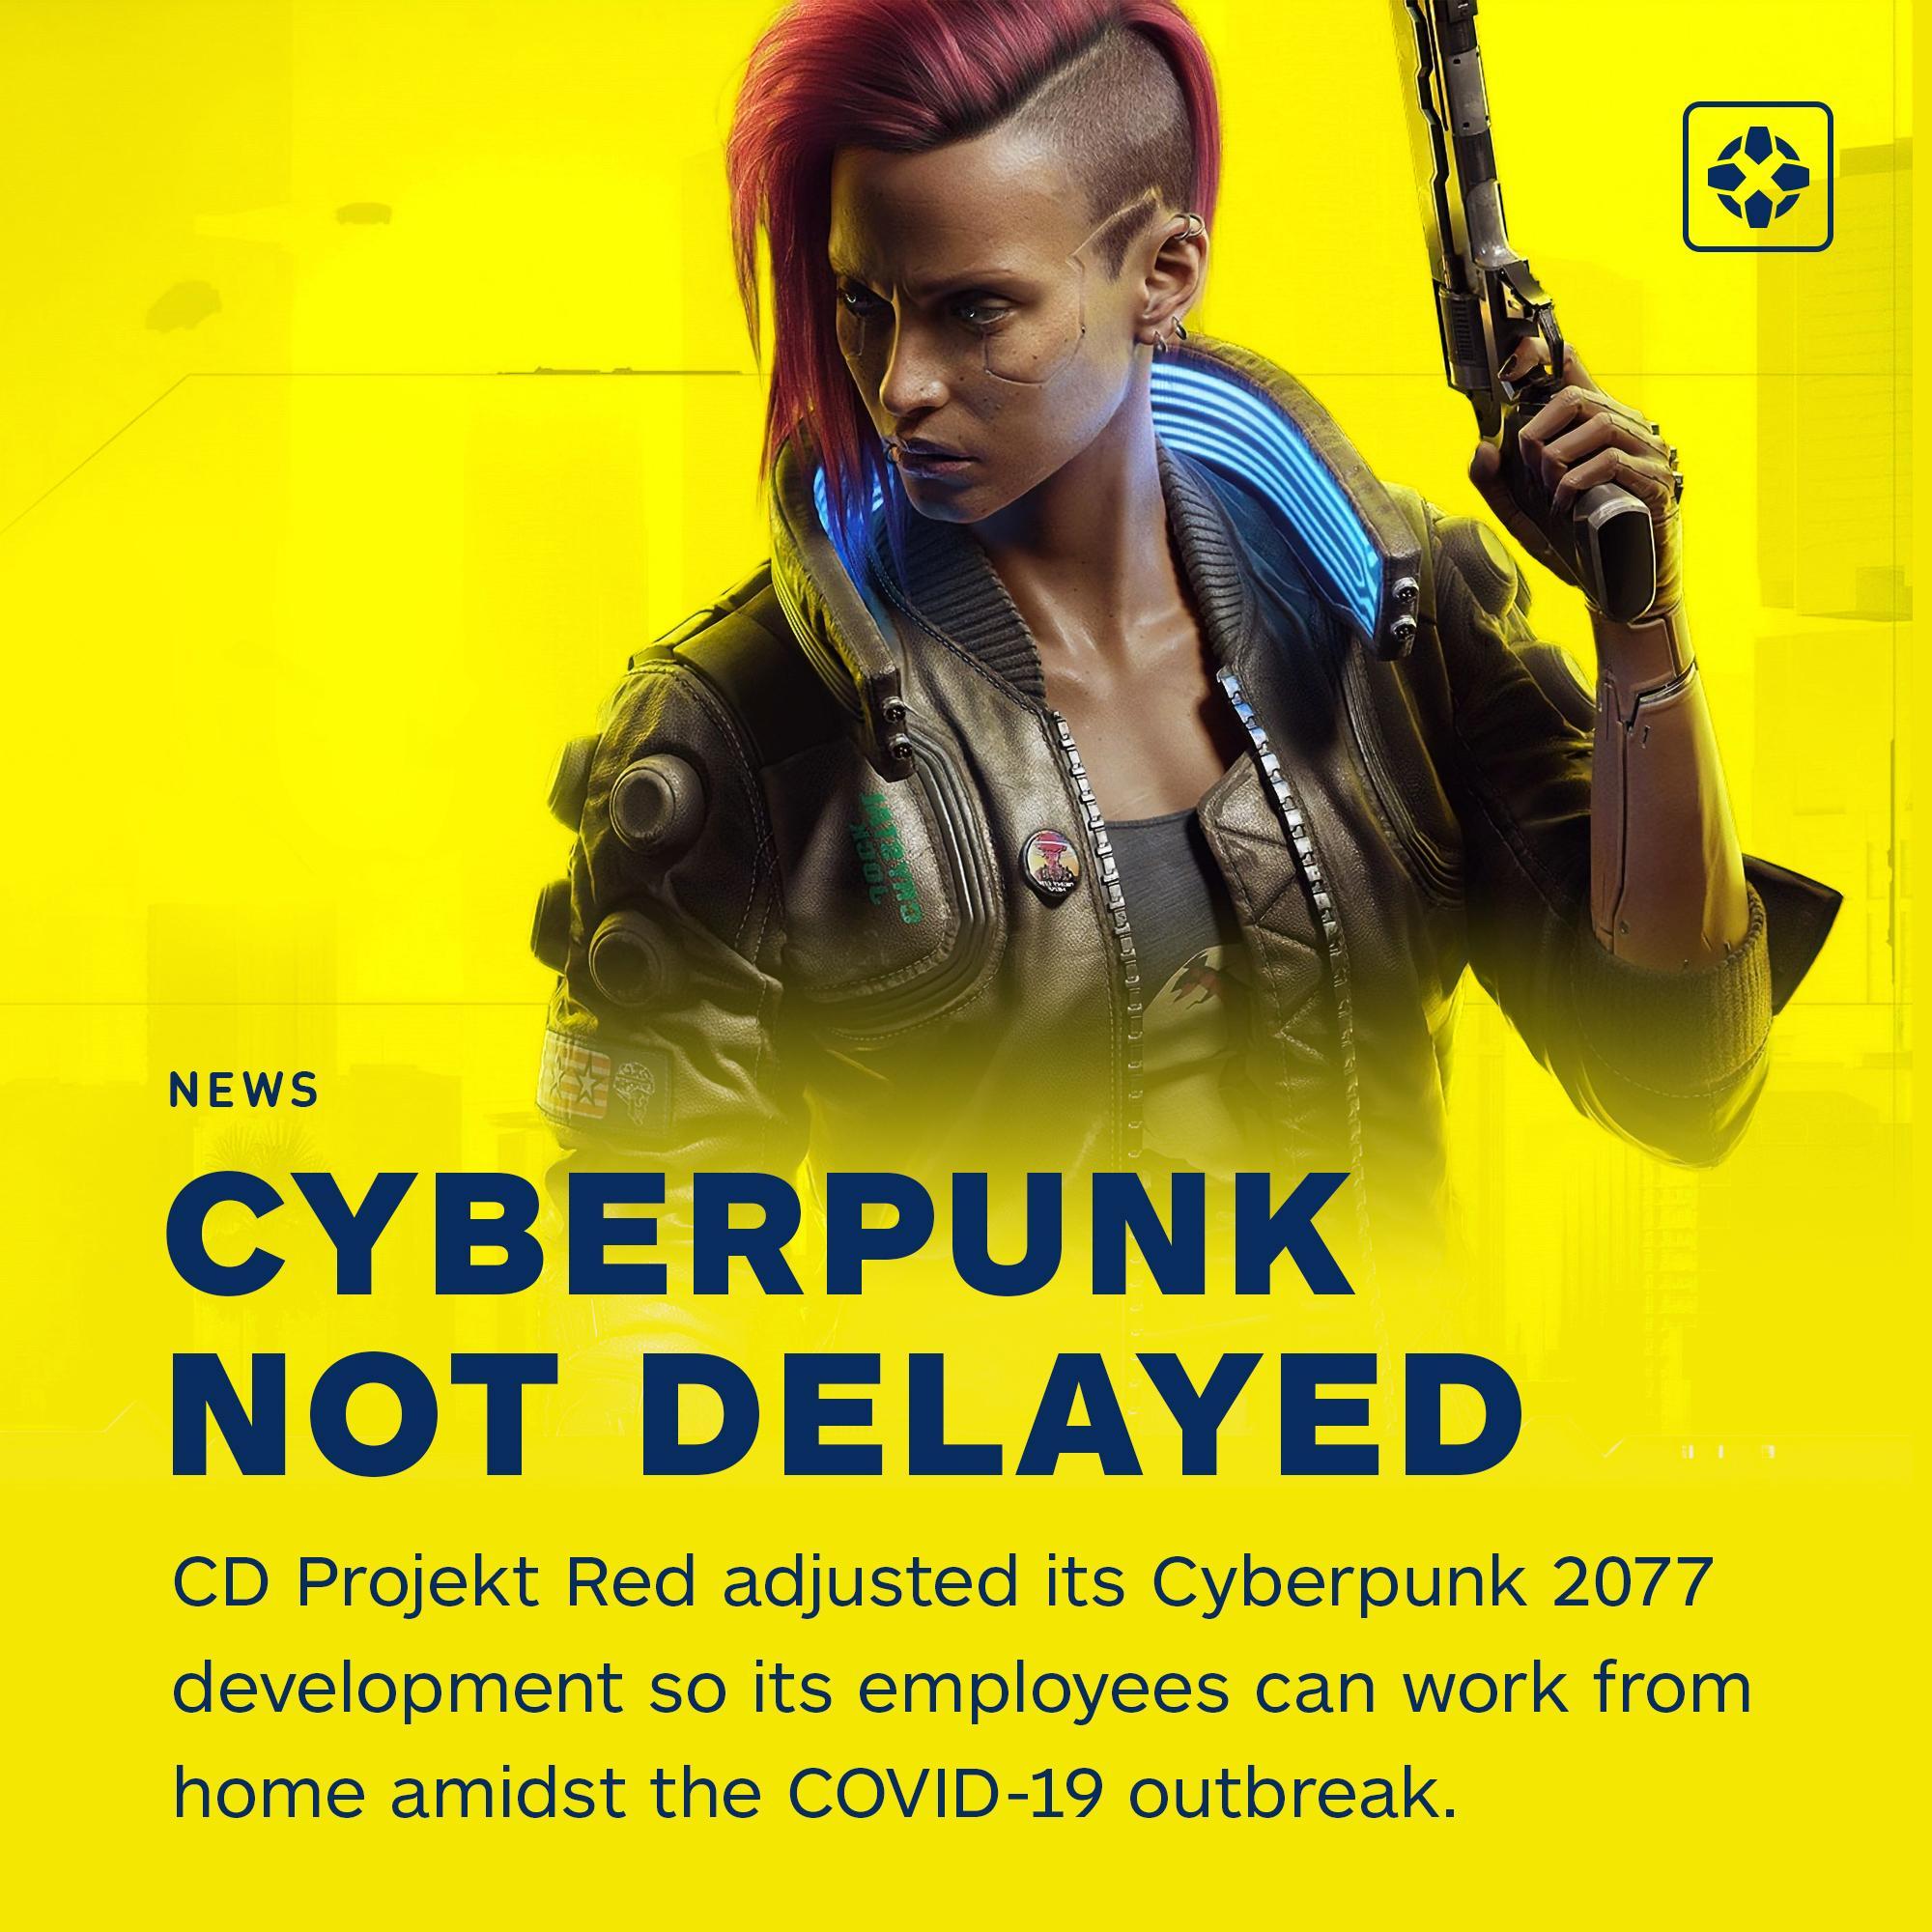 CDPR не будут переносить релиз Cyberpunk 2077 в связи с удаленной работой сотрудников